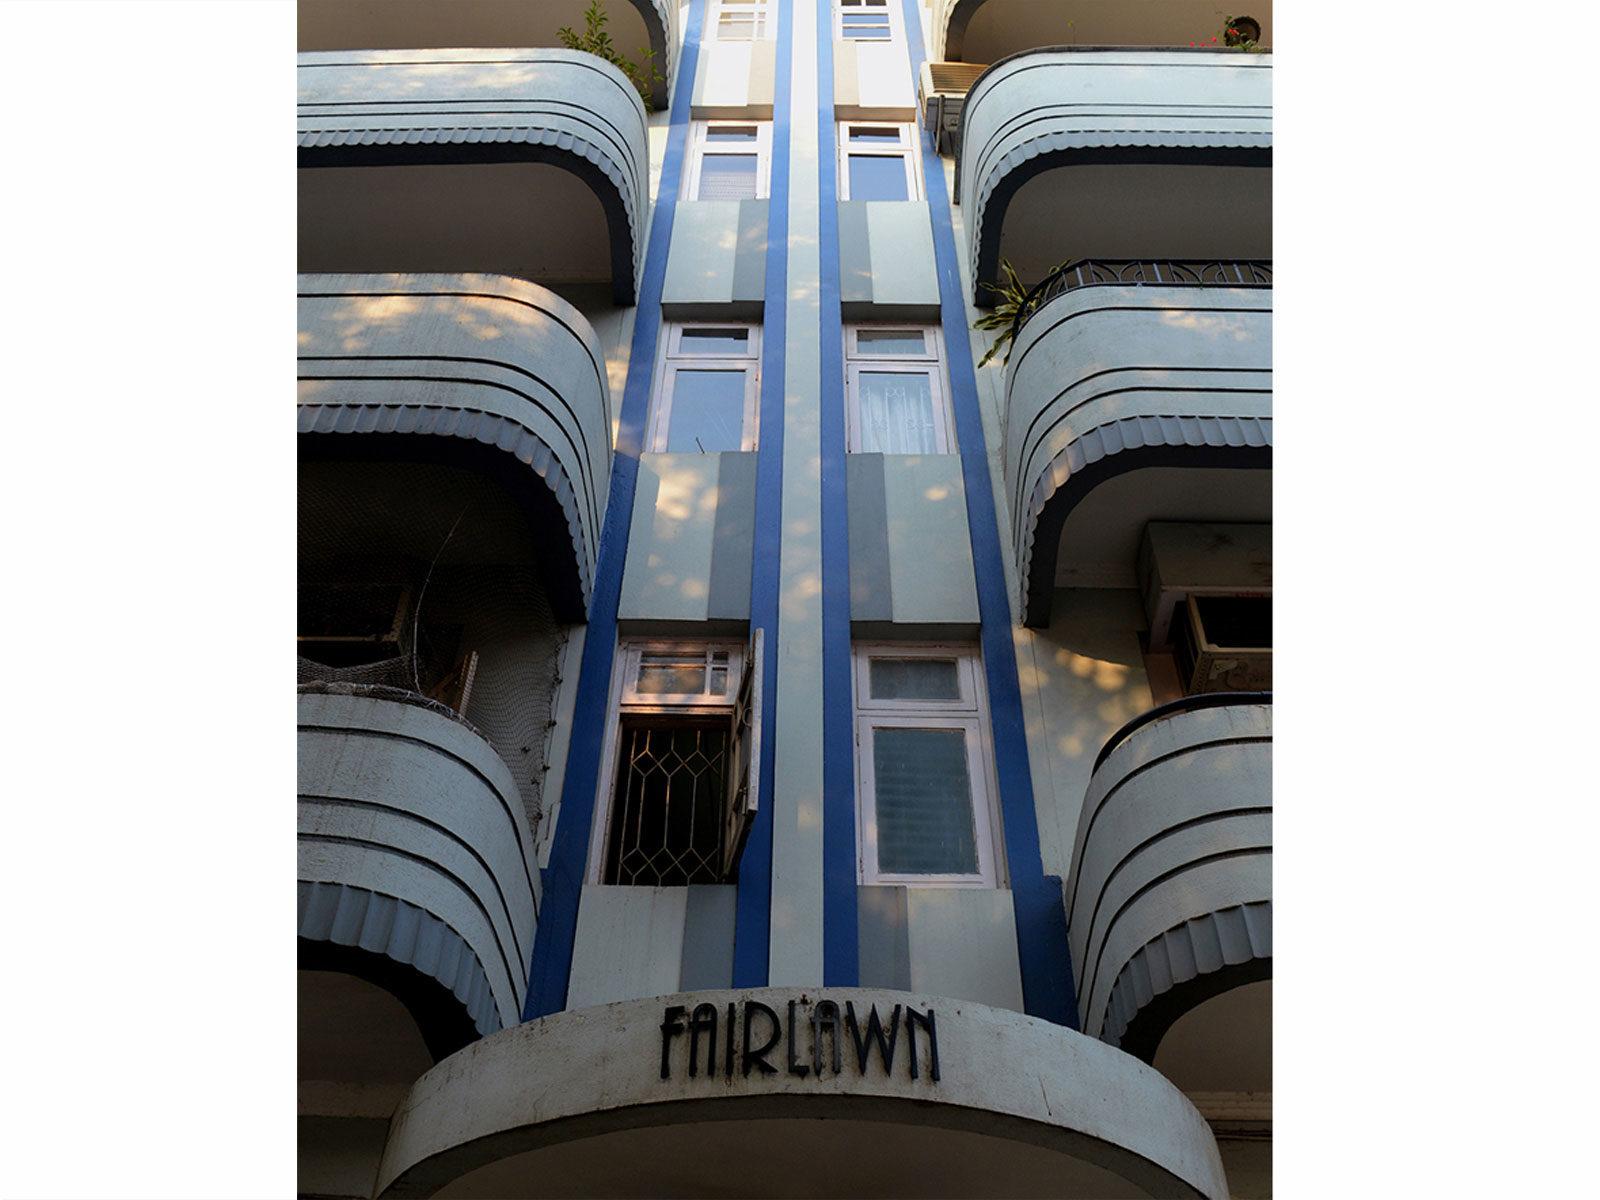 Fairlawn, Oval Maidan © Art Deco Mumbai Trust